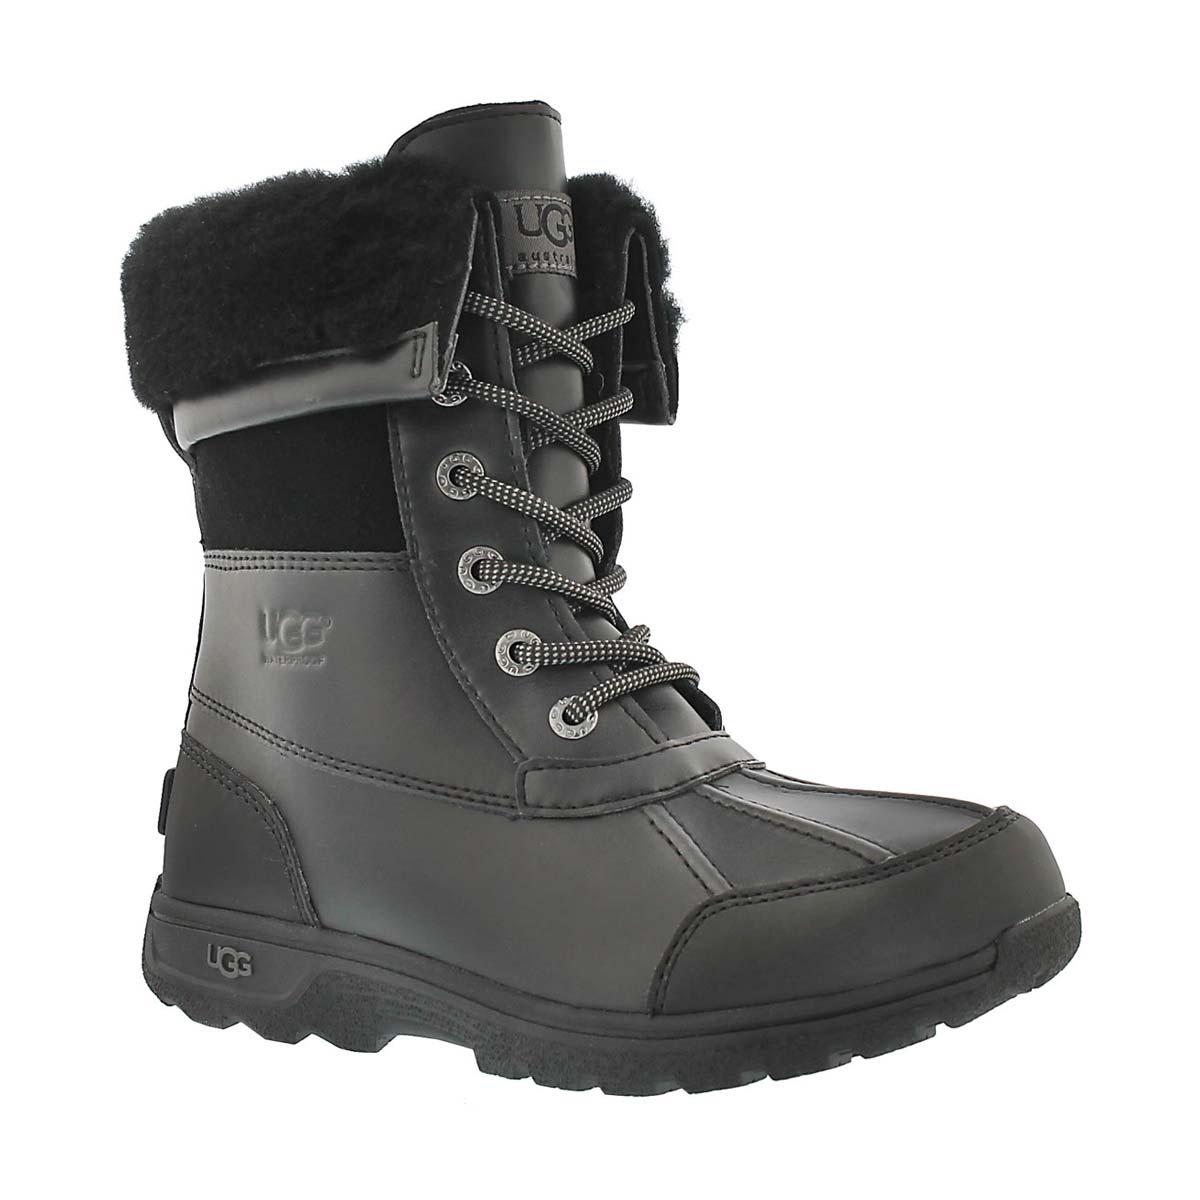 Kids' BUTTE II black waterproof winter boots